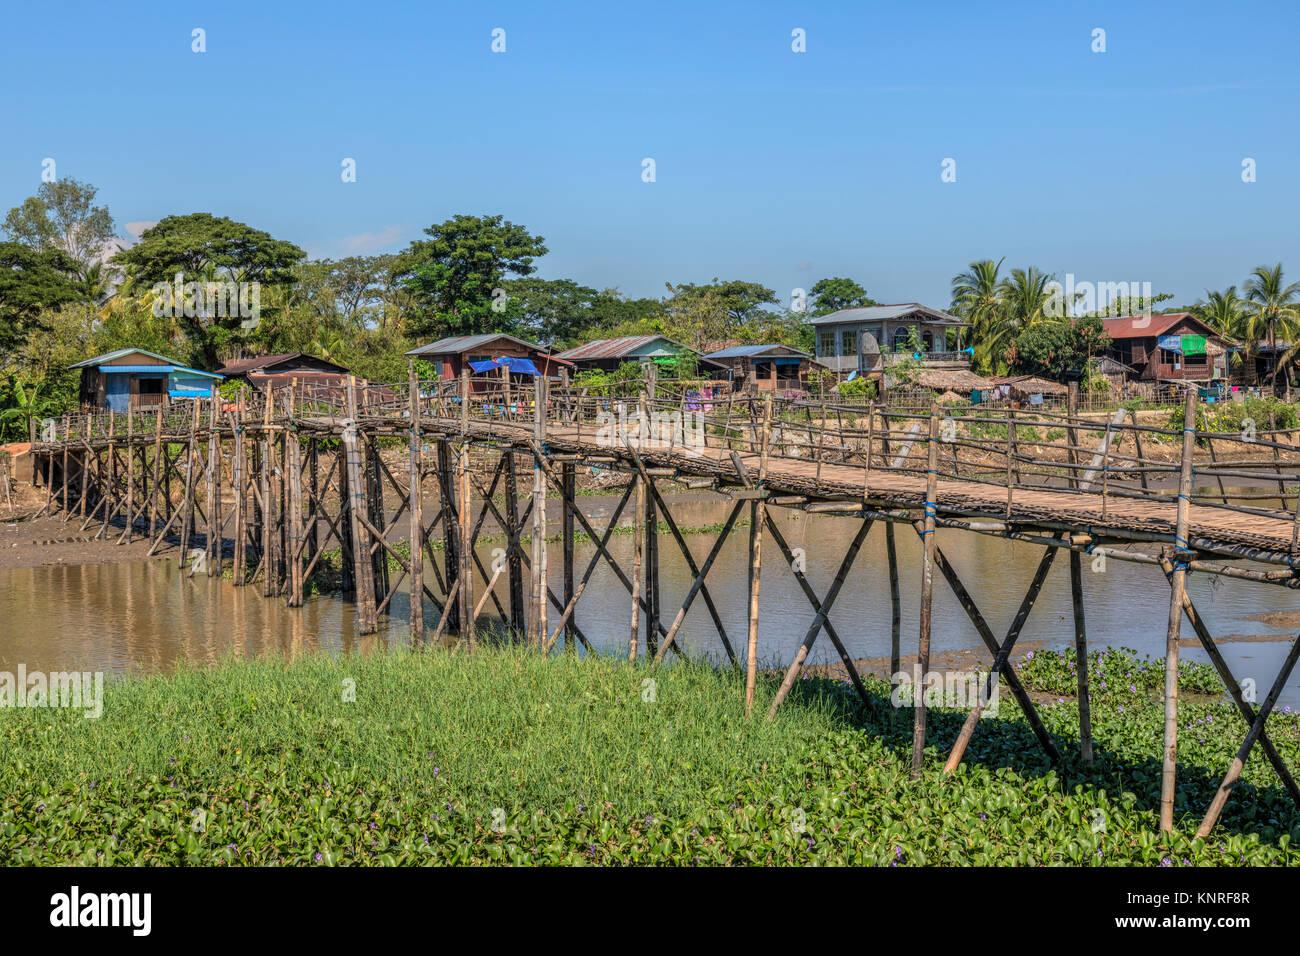 rural life in Bago, Myanmar, Asia - Stock Image